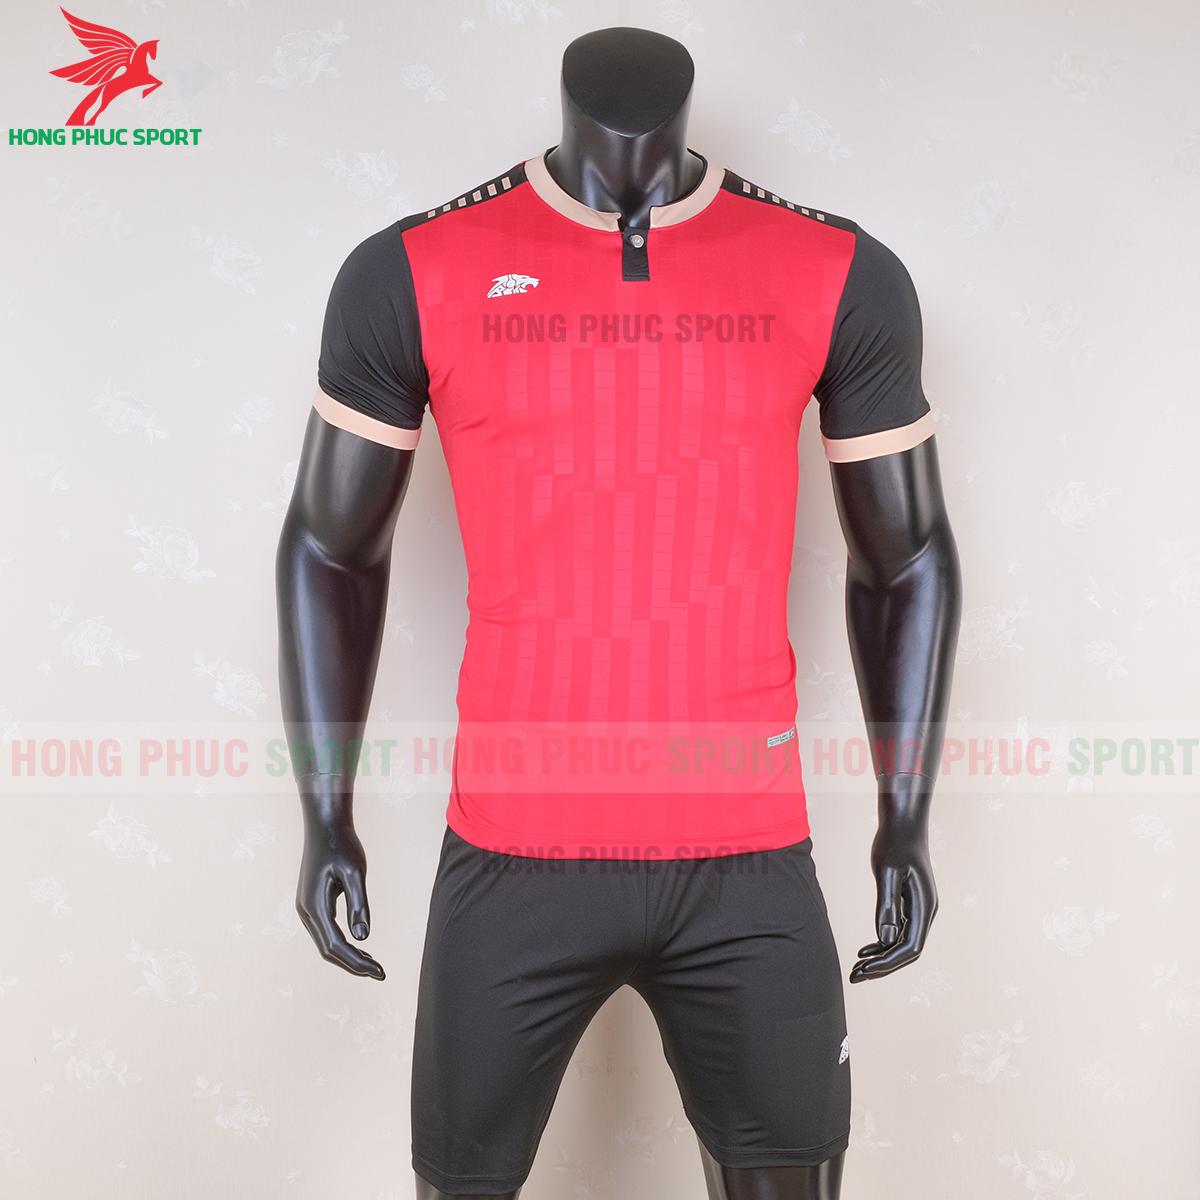 https://cdn.hongphucsport.com/unsafe/s4.shopbay.vn/files/285/ao-bong-da-khong-logo-riki-neck-mau-do-6-5f71ac1c760f4.png